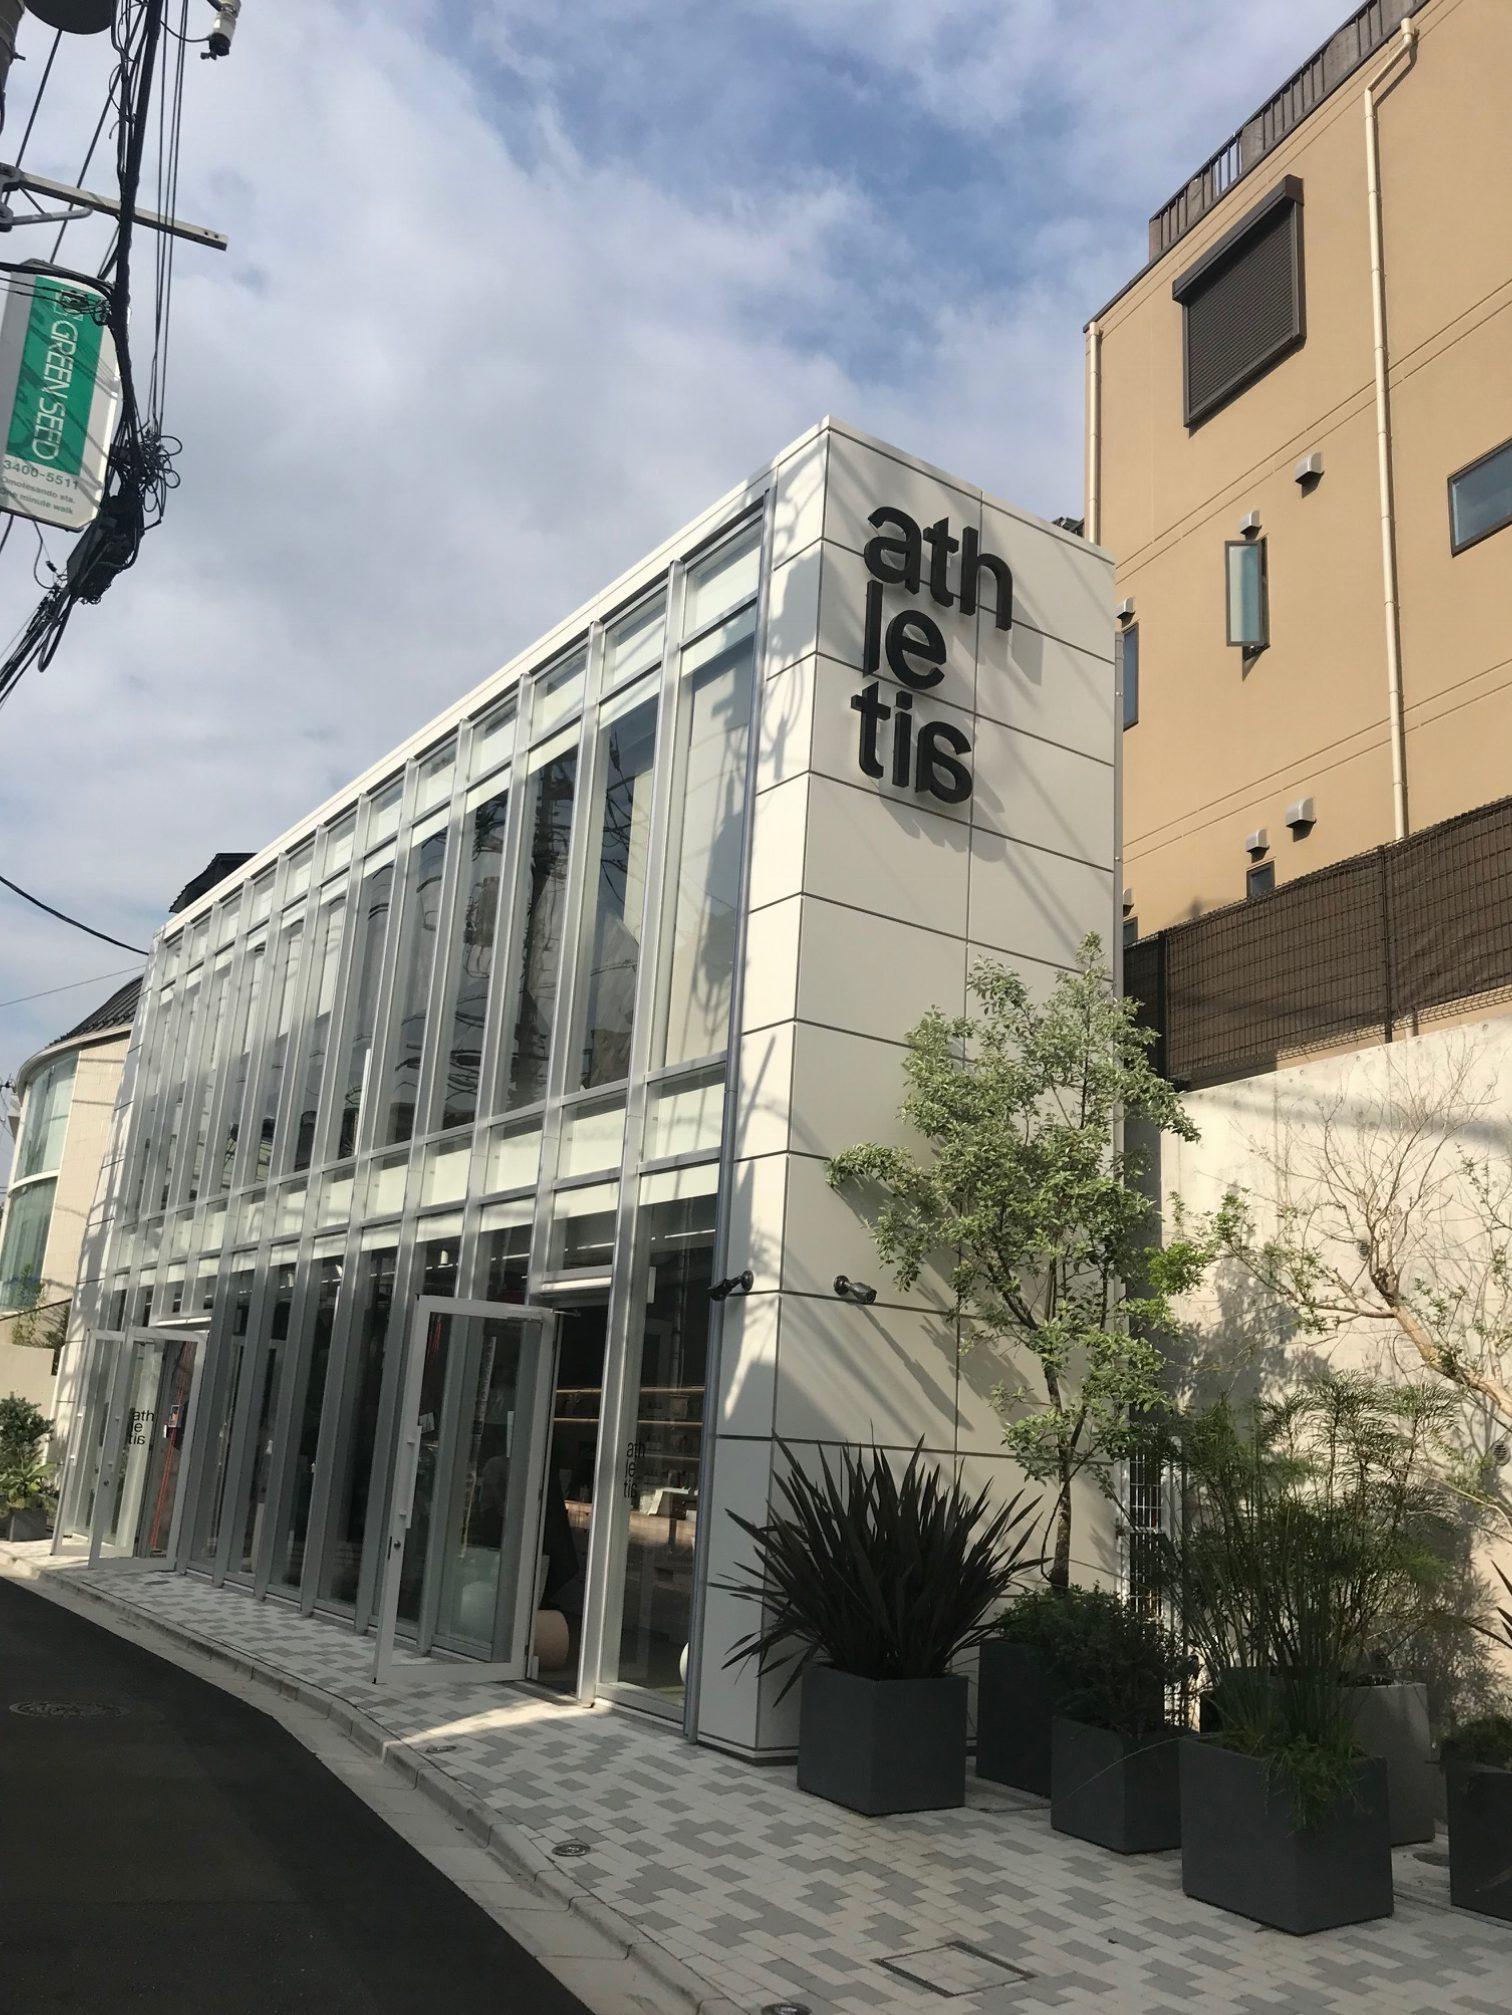 【SNP NOB】7/3よりリニューアルオープンする Land Sup Shibuya studio にてクラスを担当させて頂きます。